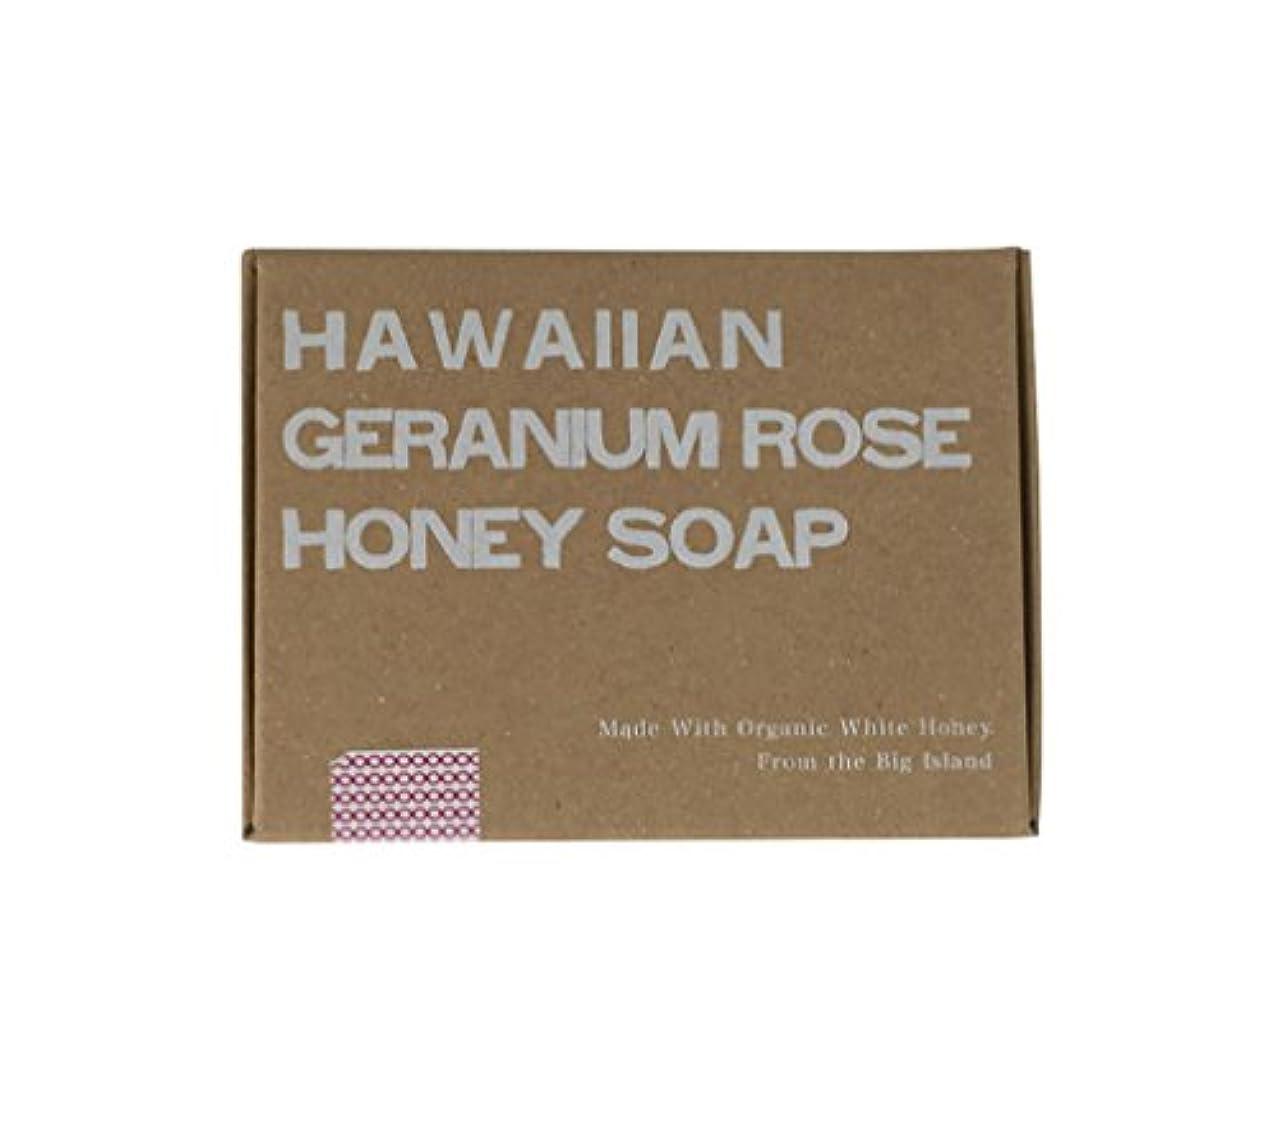 キャンベラ祖先プロフィールホワイトハニーオーガニクス ハワイアン?ゼラニウムローズ?ハニーソープ (Hawaiian Geranium Rose Honey Soap)